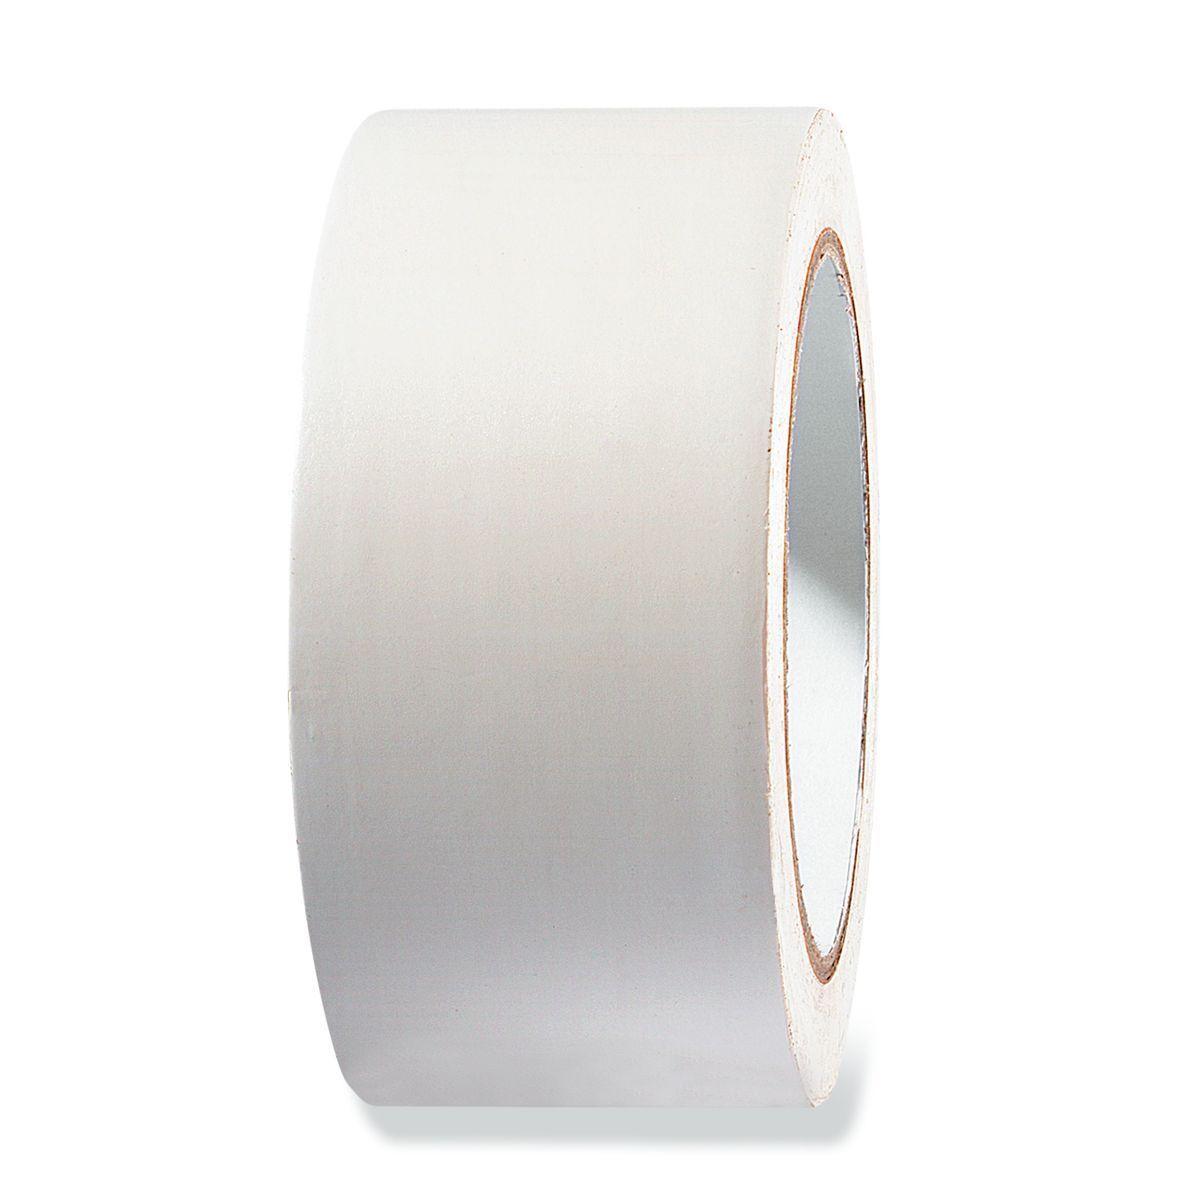 36 Rollen PVC Putzerband UV je 50mm x 33m gerillt weiß Maler Fassade Klebeband